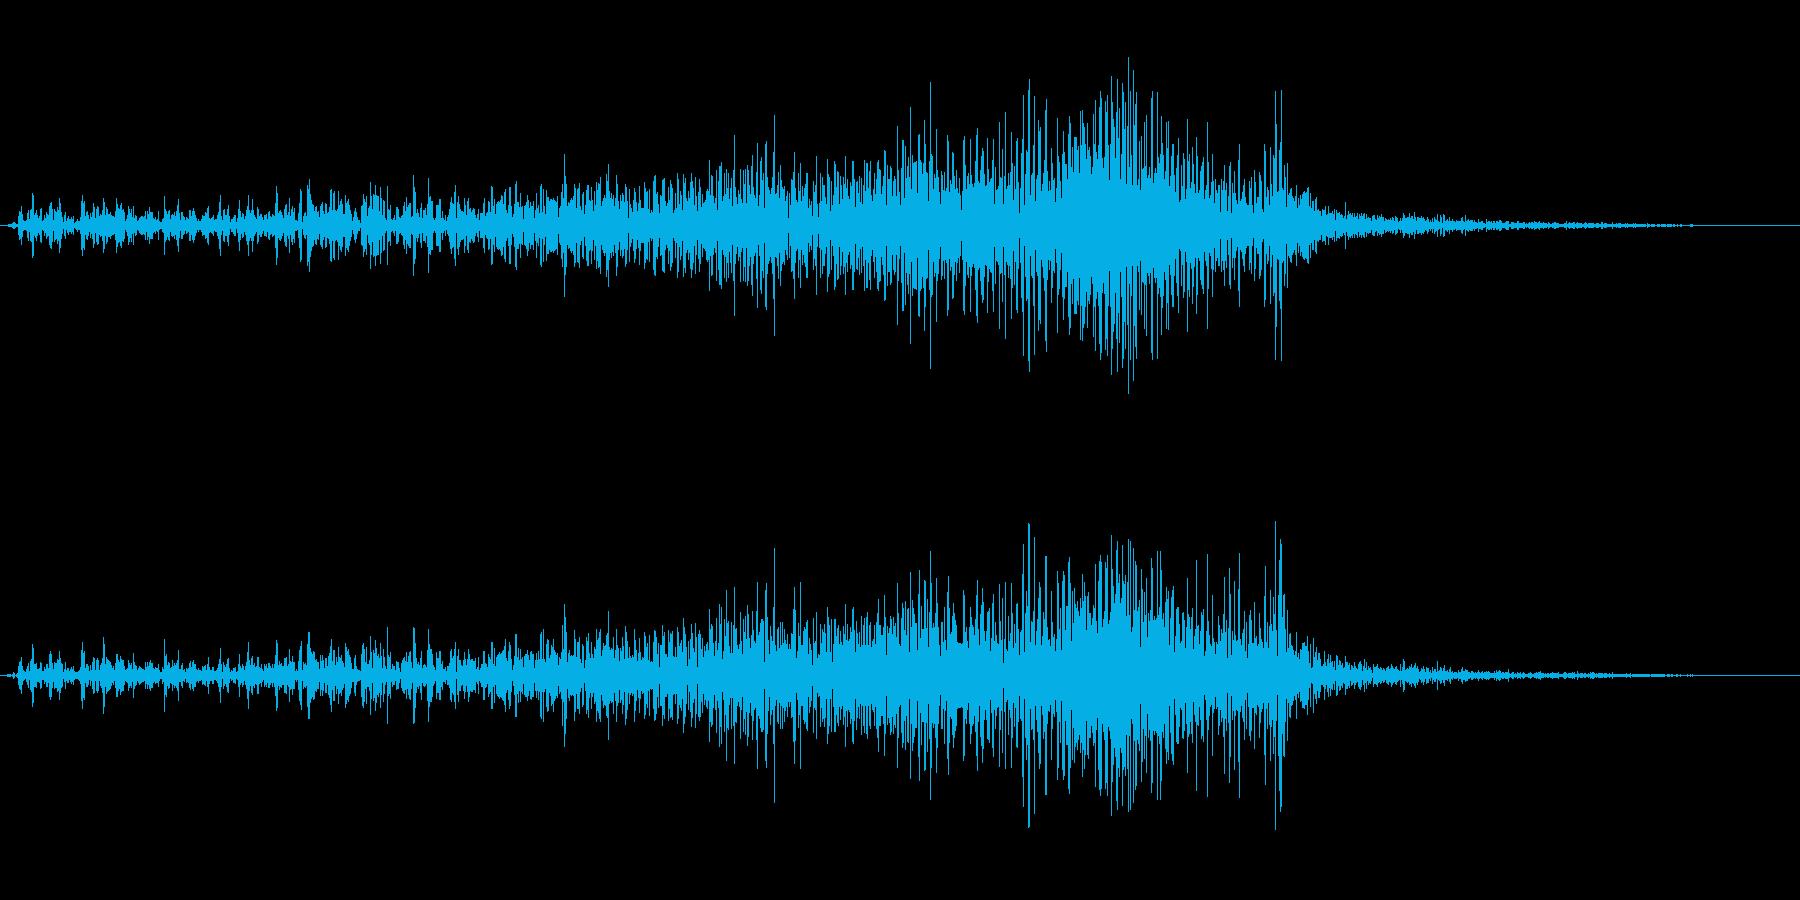 チャックを閉める音2の再生済みの波形